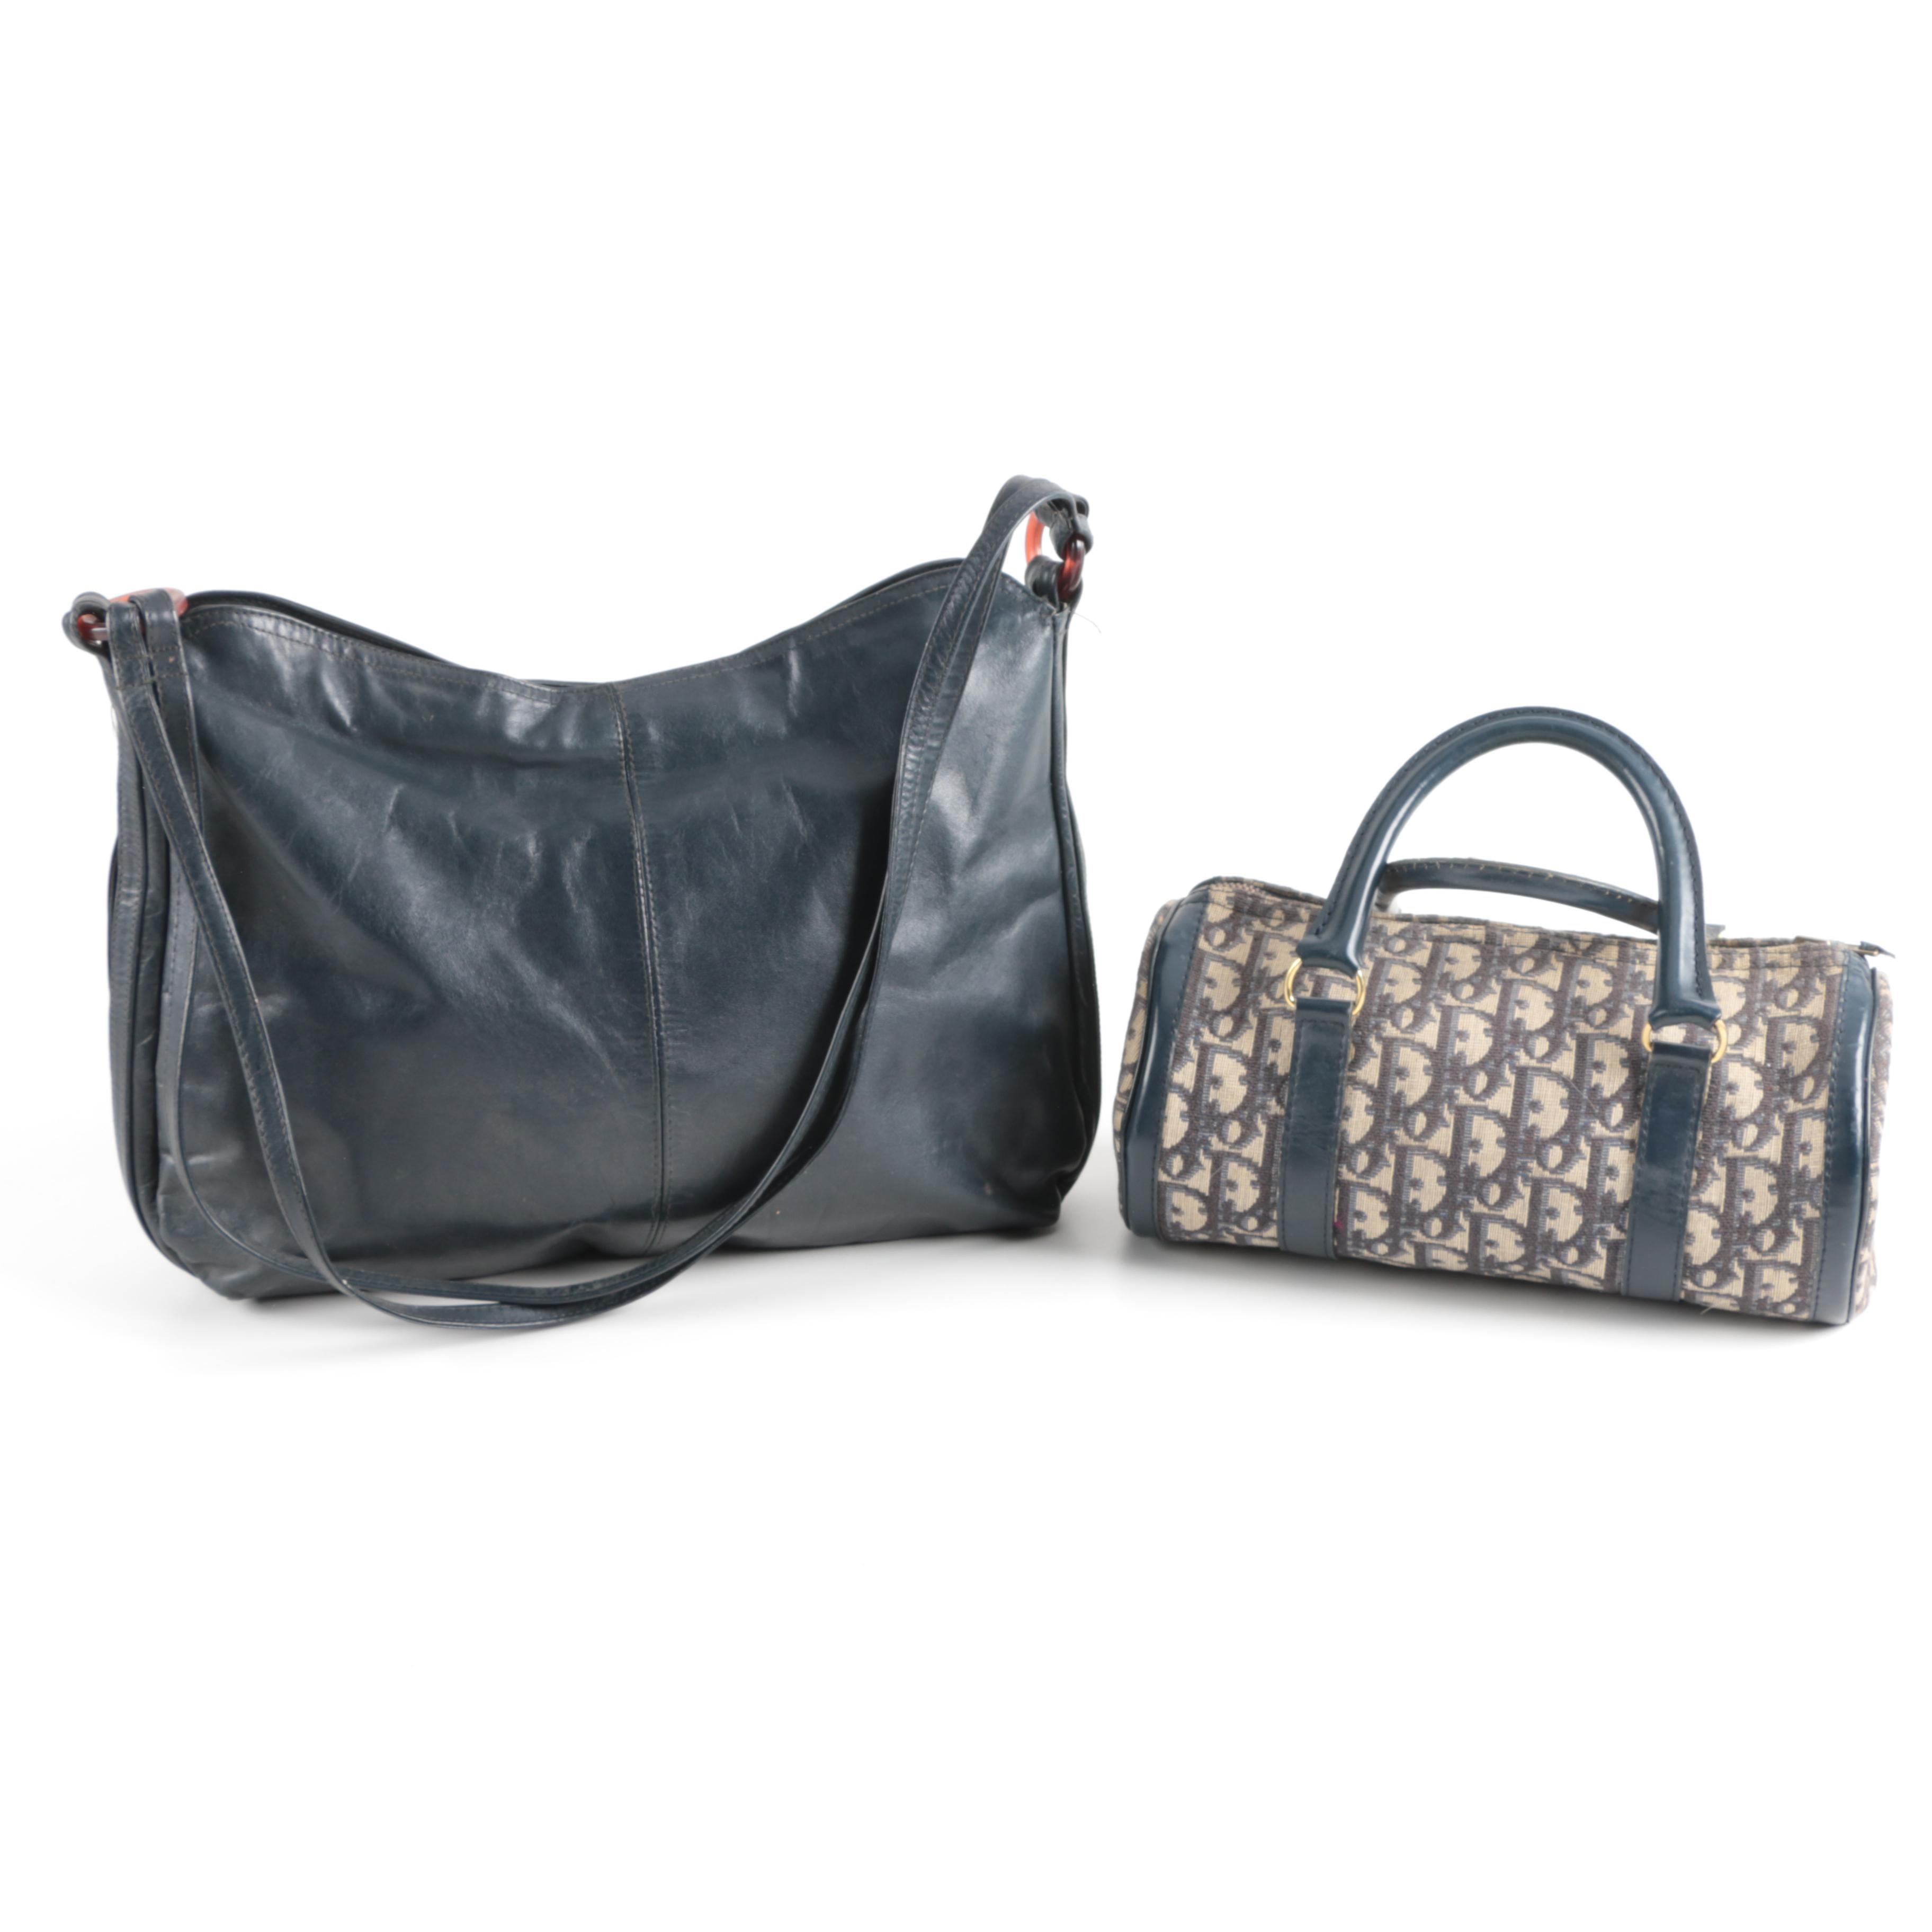 Vintage Dior and Saks Fifth Avenue Handbags